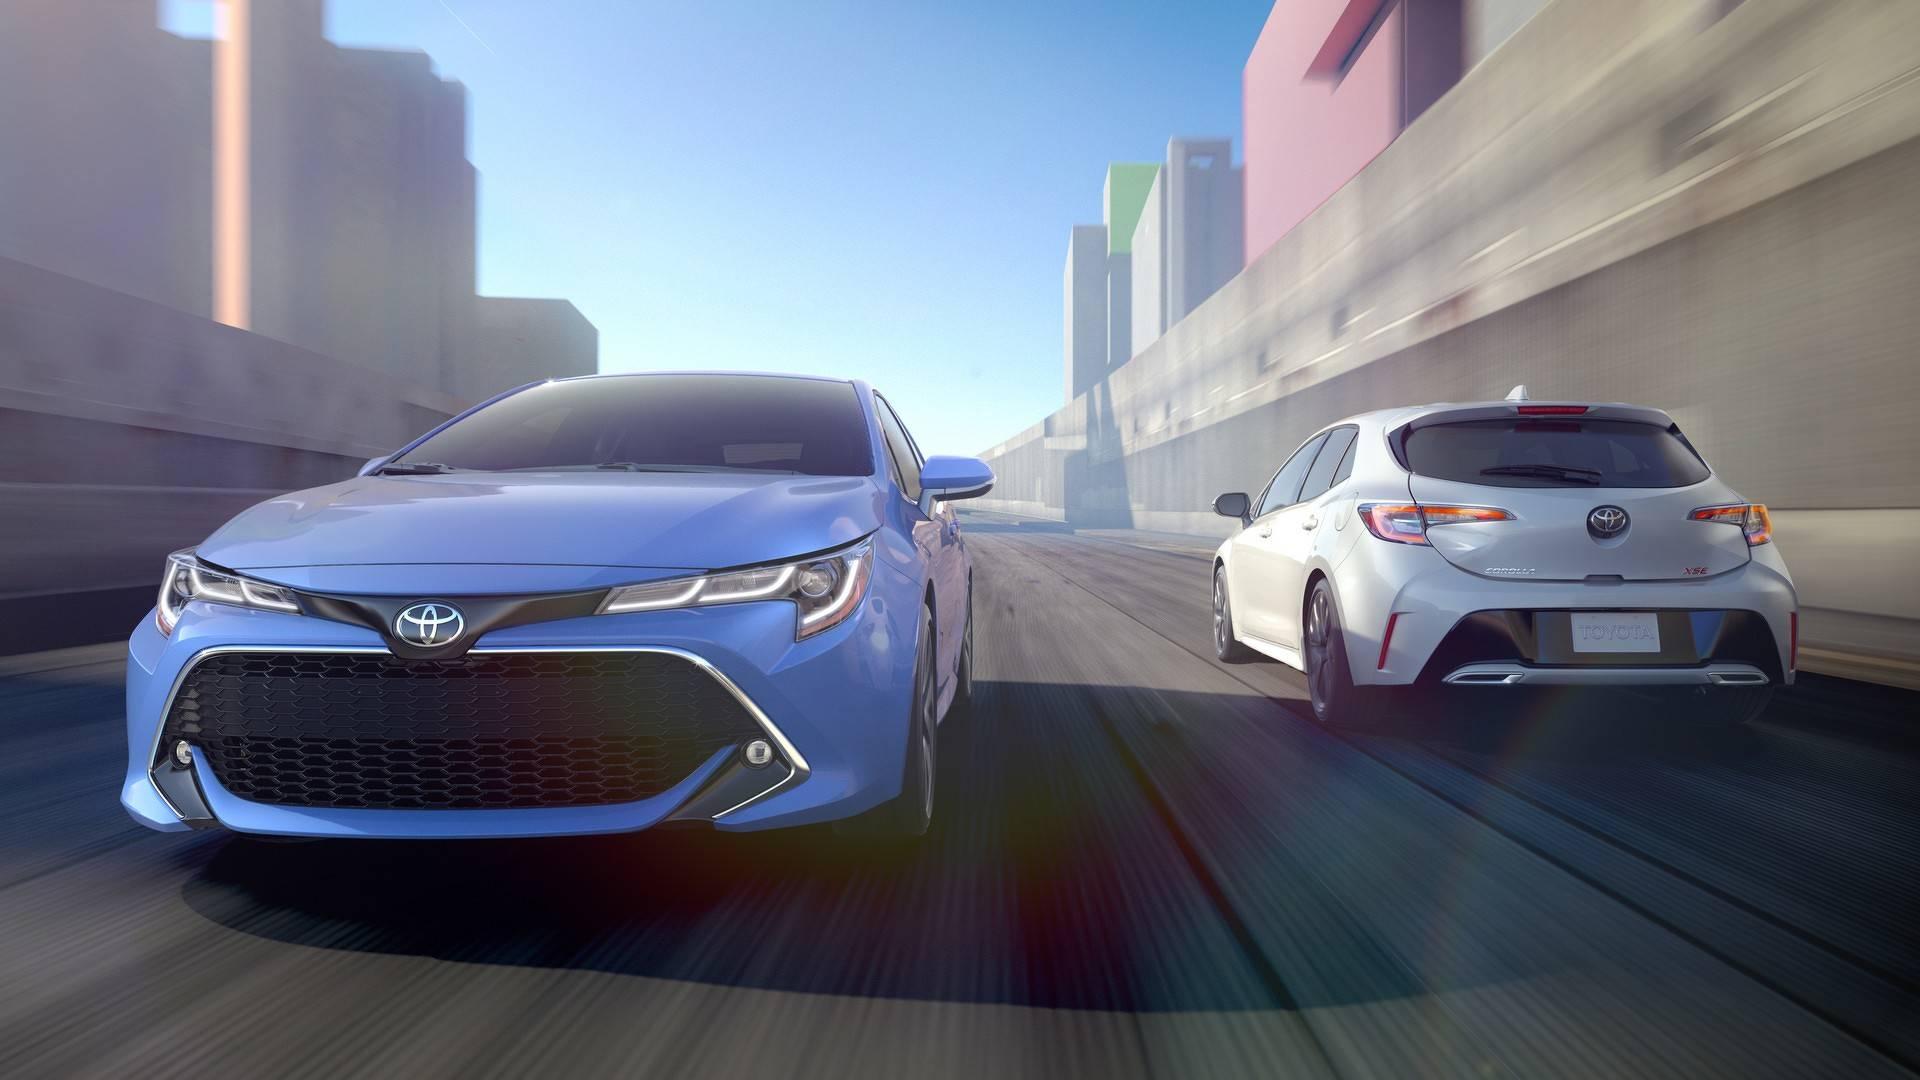 2019_Toyota_Corolla_Hatchback_0014